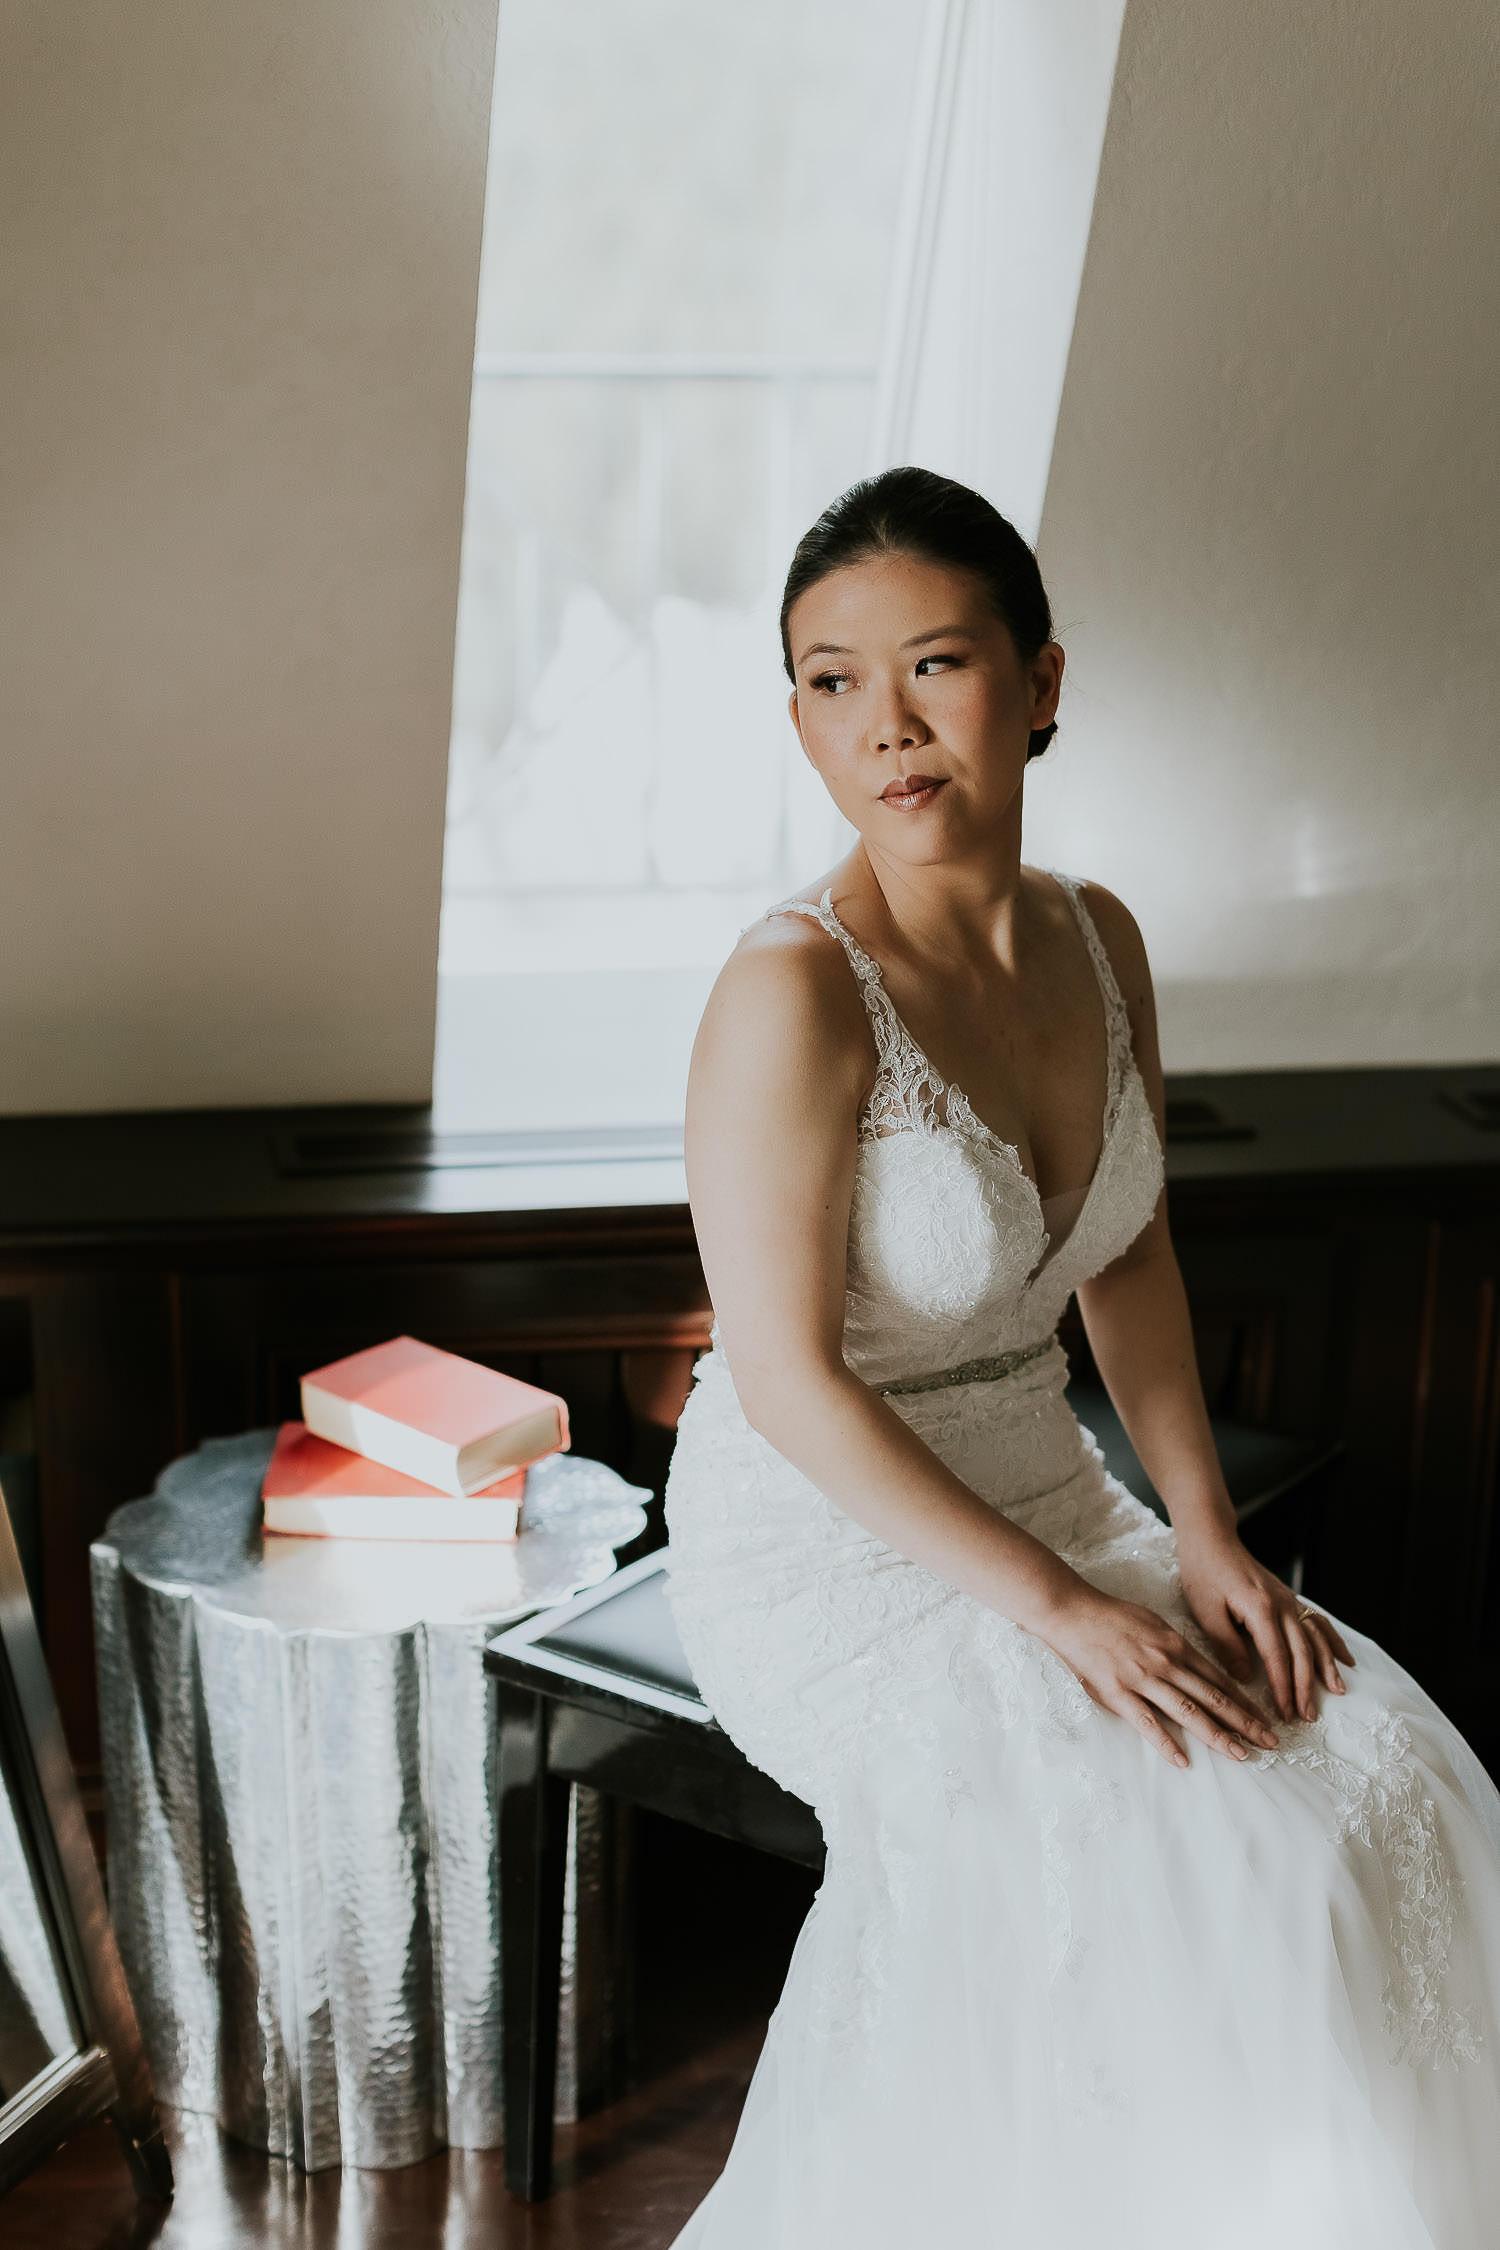 intimate-wedding-at-banff-springs-hotel-sarah-pukin-0043